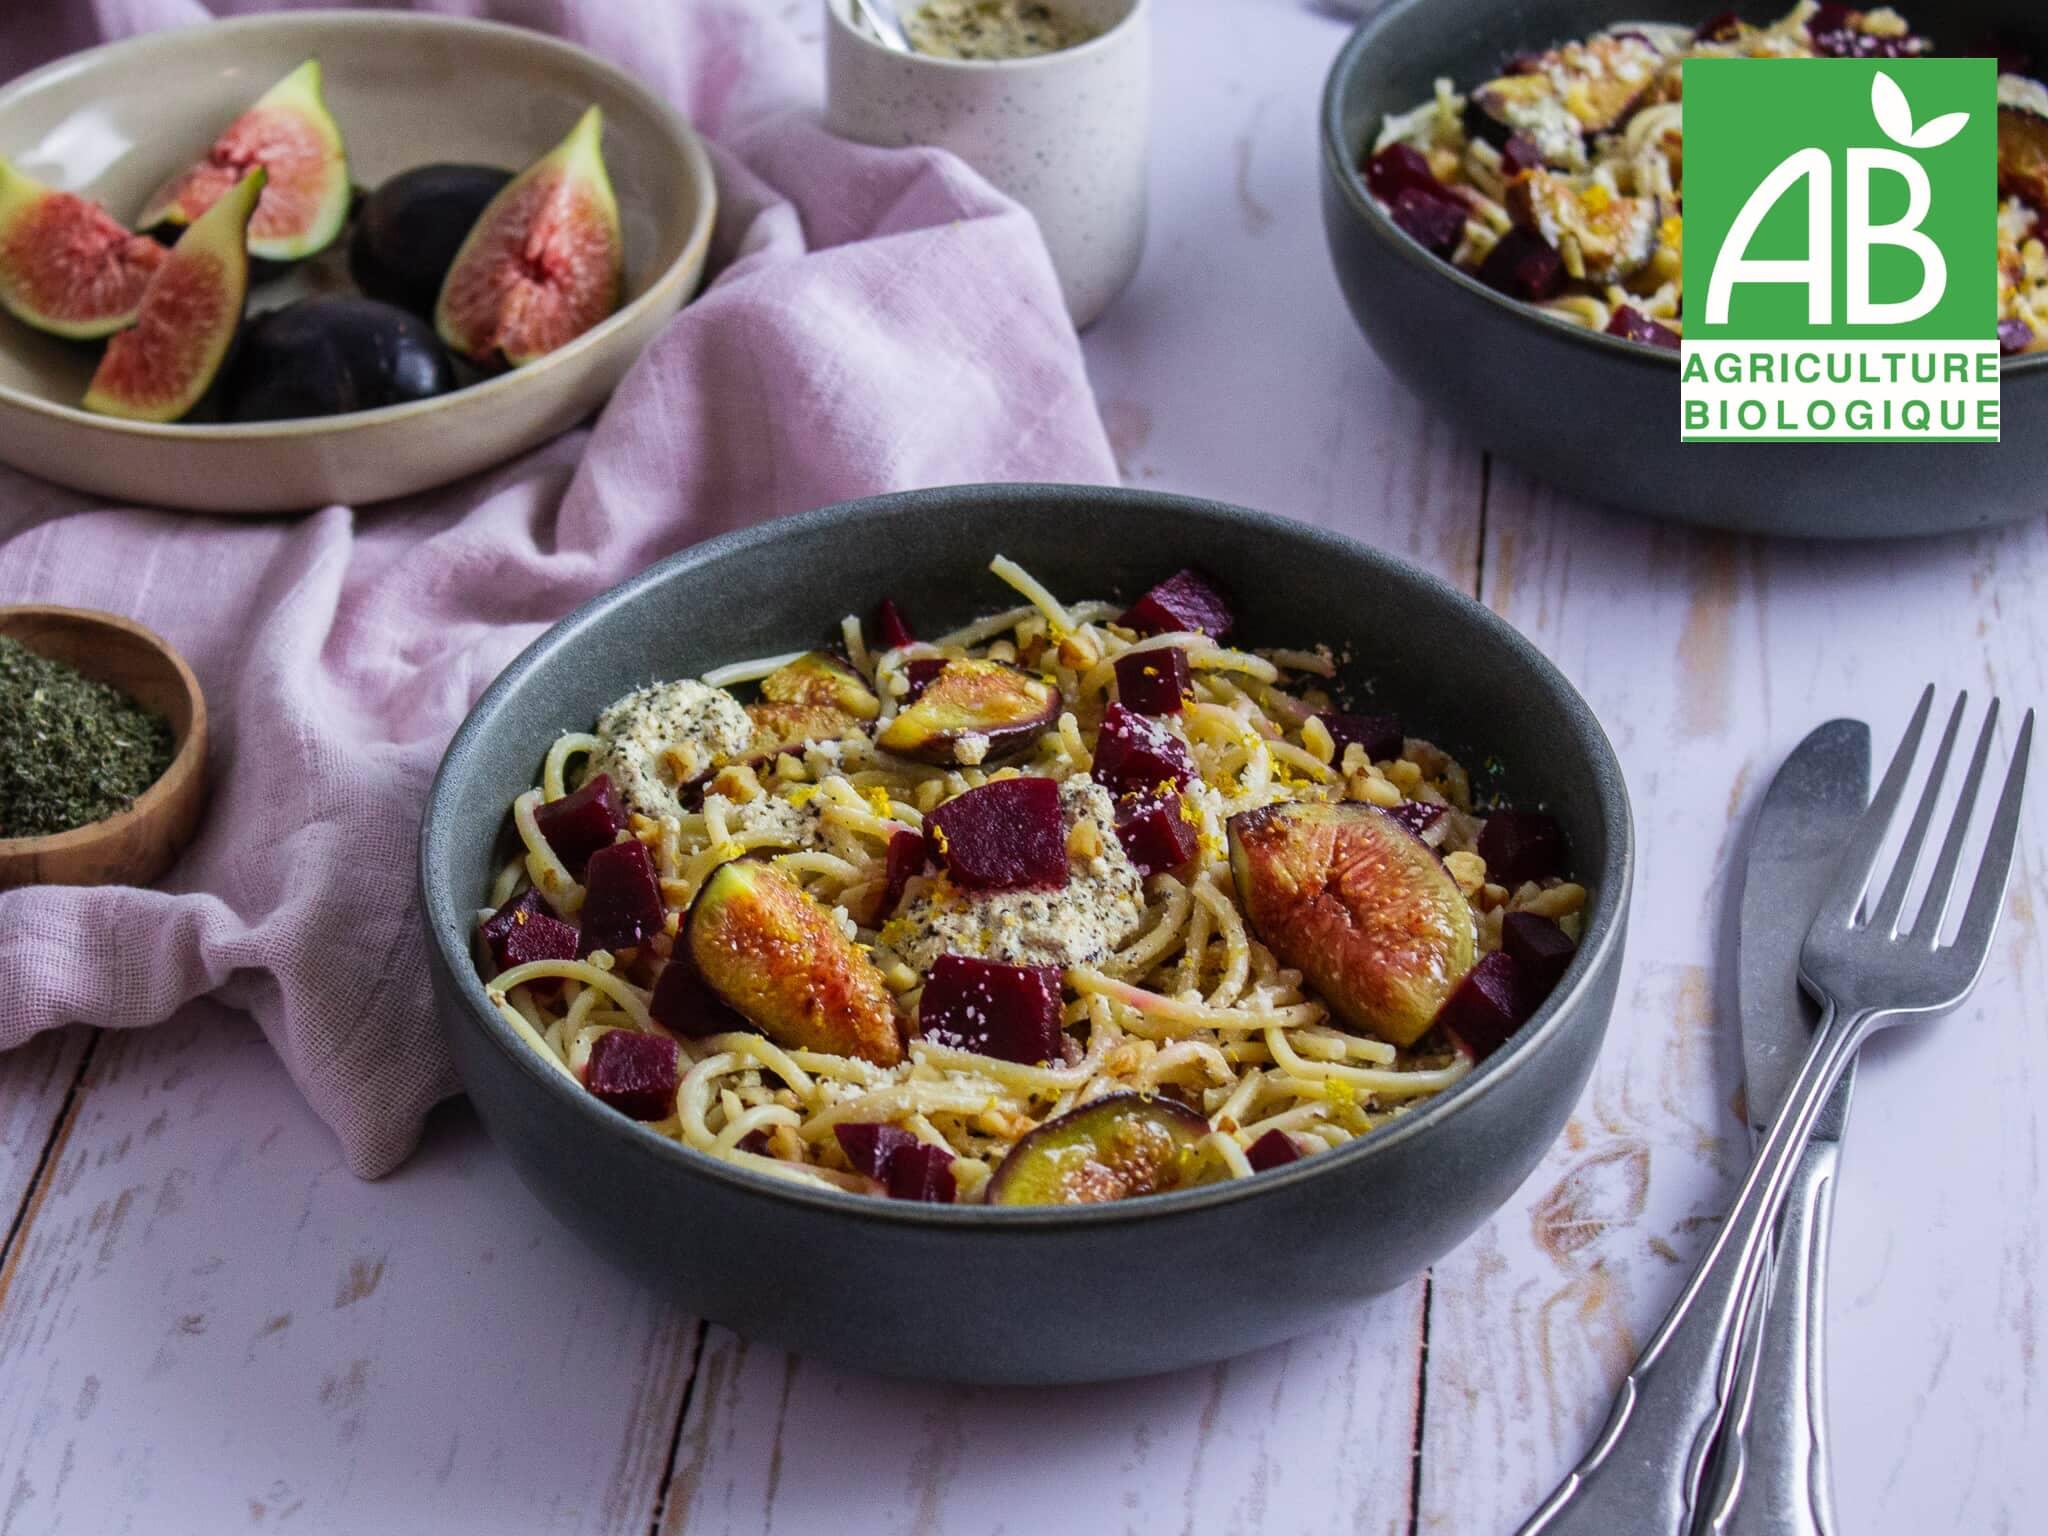 Recette 1 - Spaghettis à la sauge, betterave, figue et noix